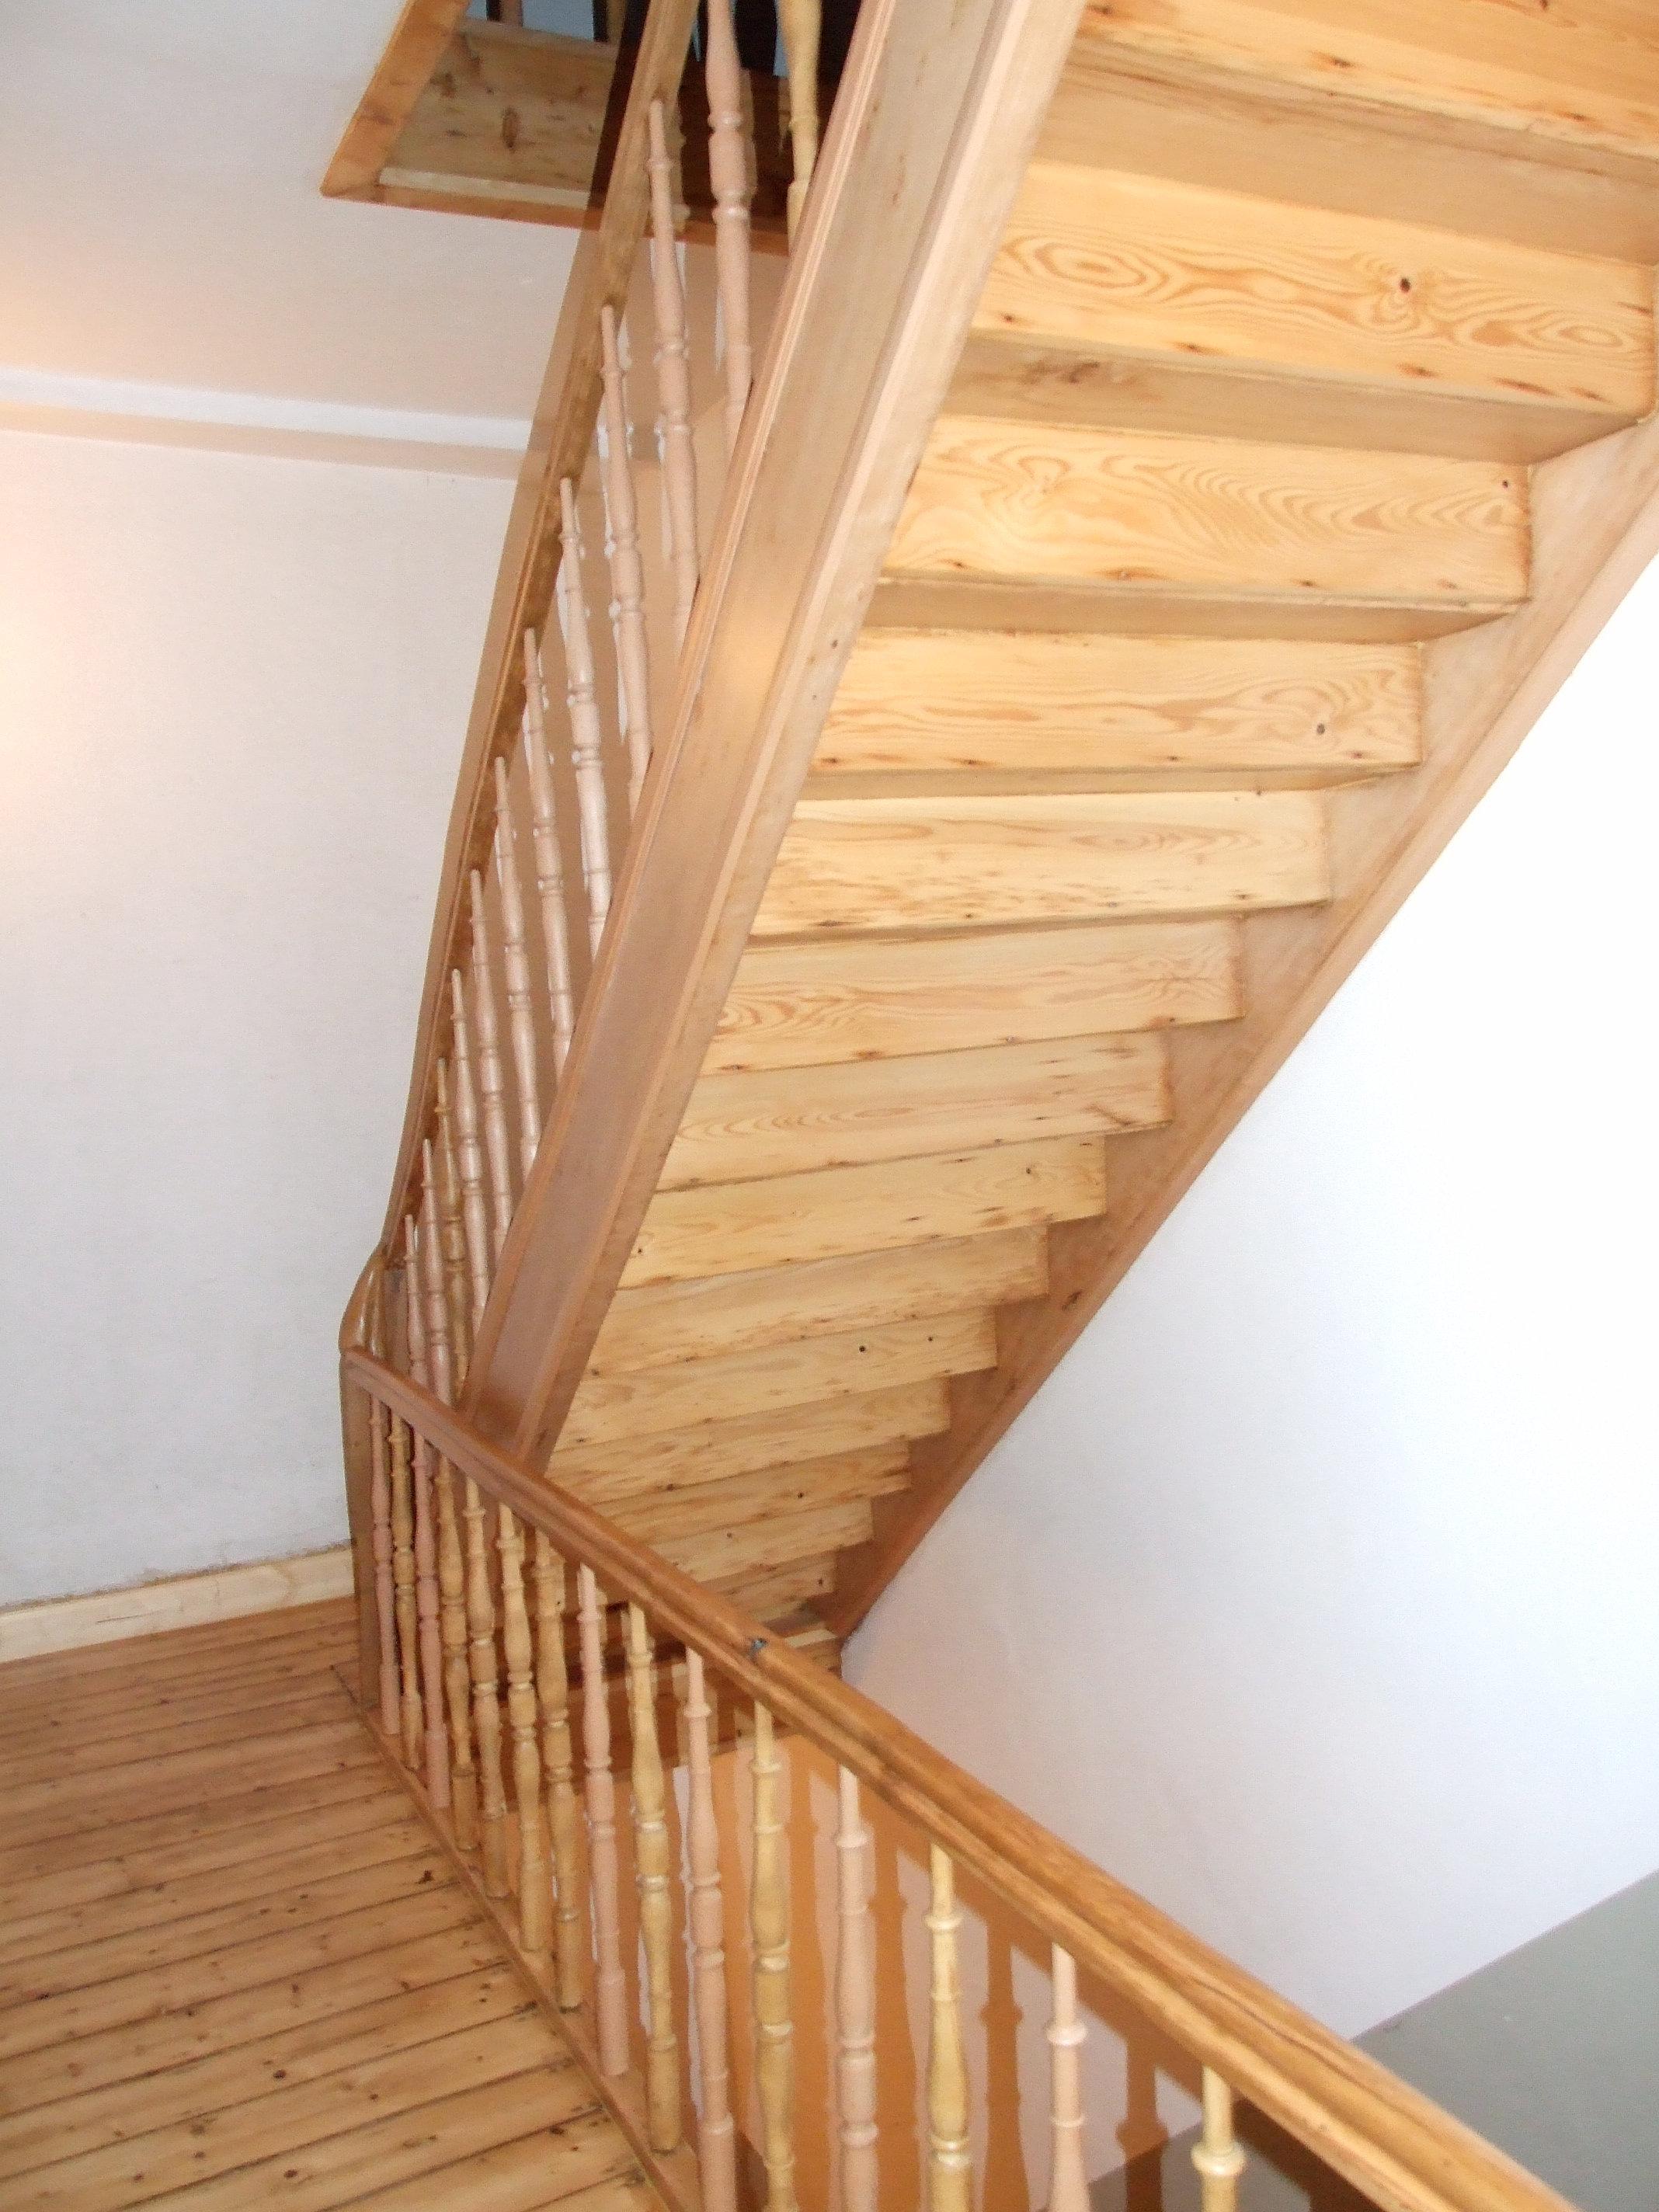 treppe aufarbeiten ] | treppe aufarbeiten, treppe aufarbeiten kosten